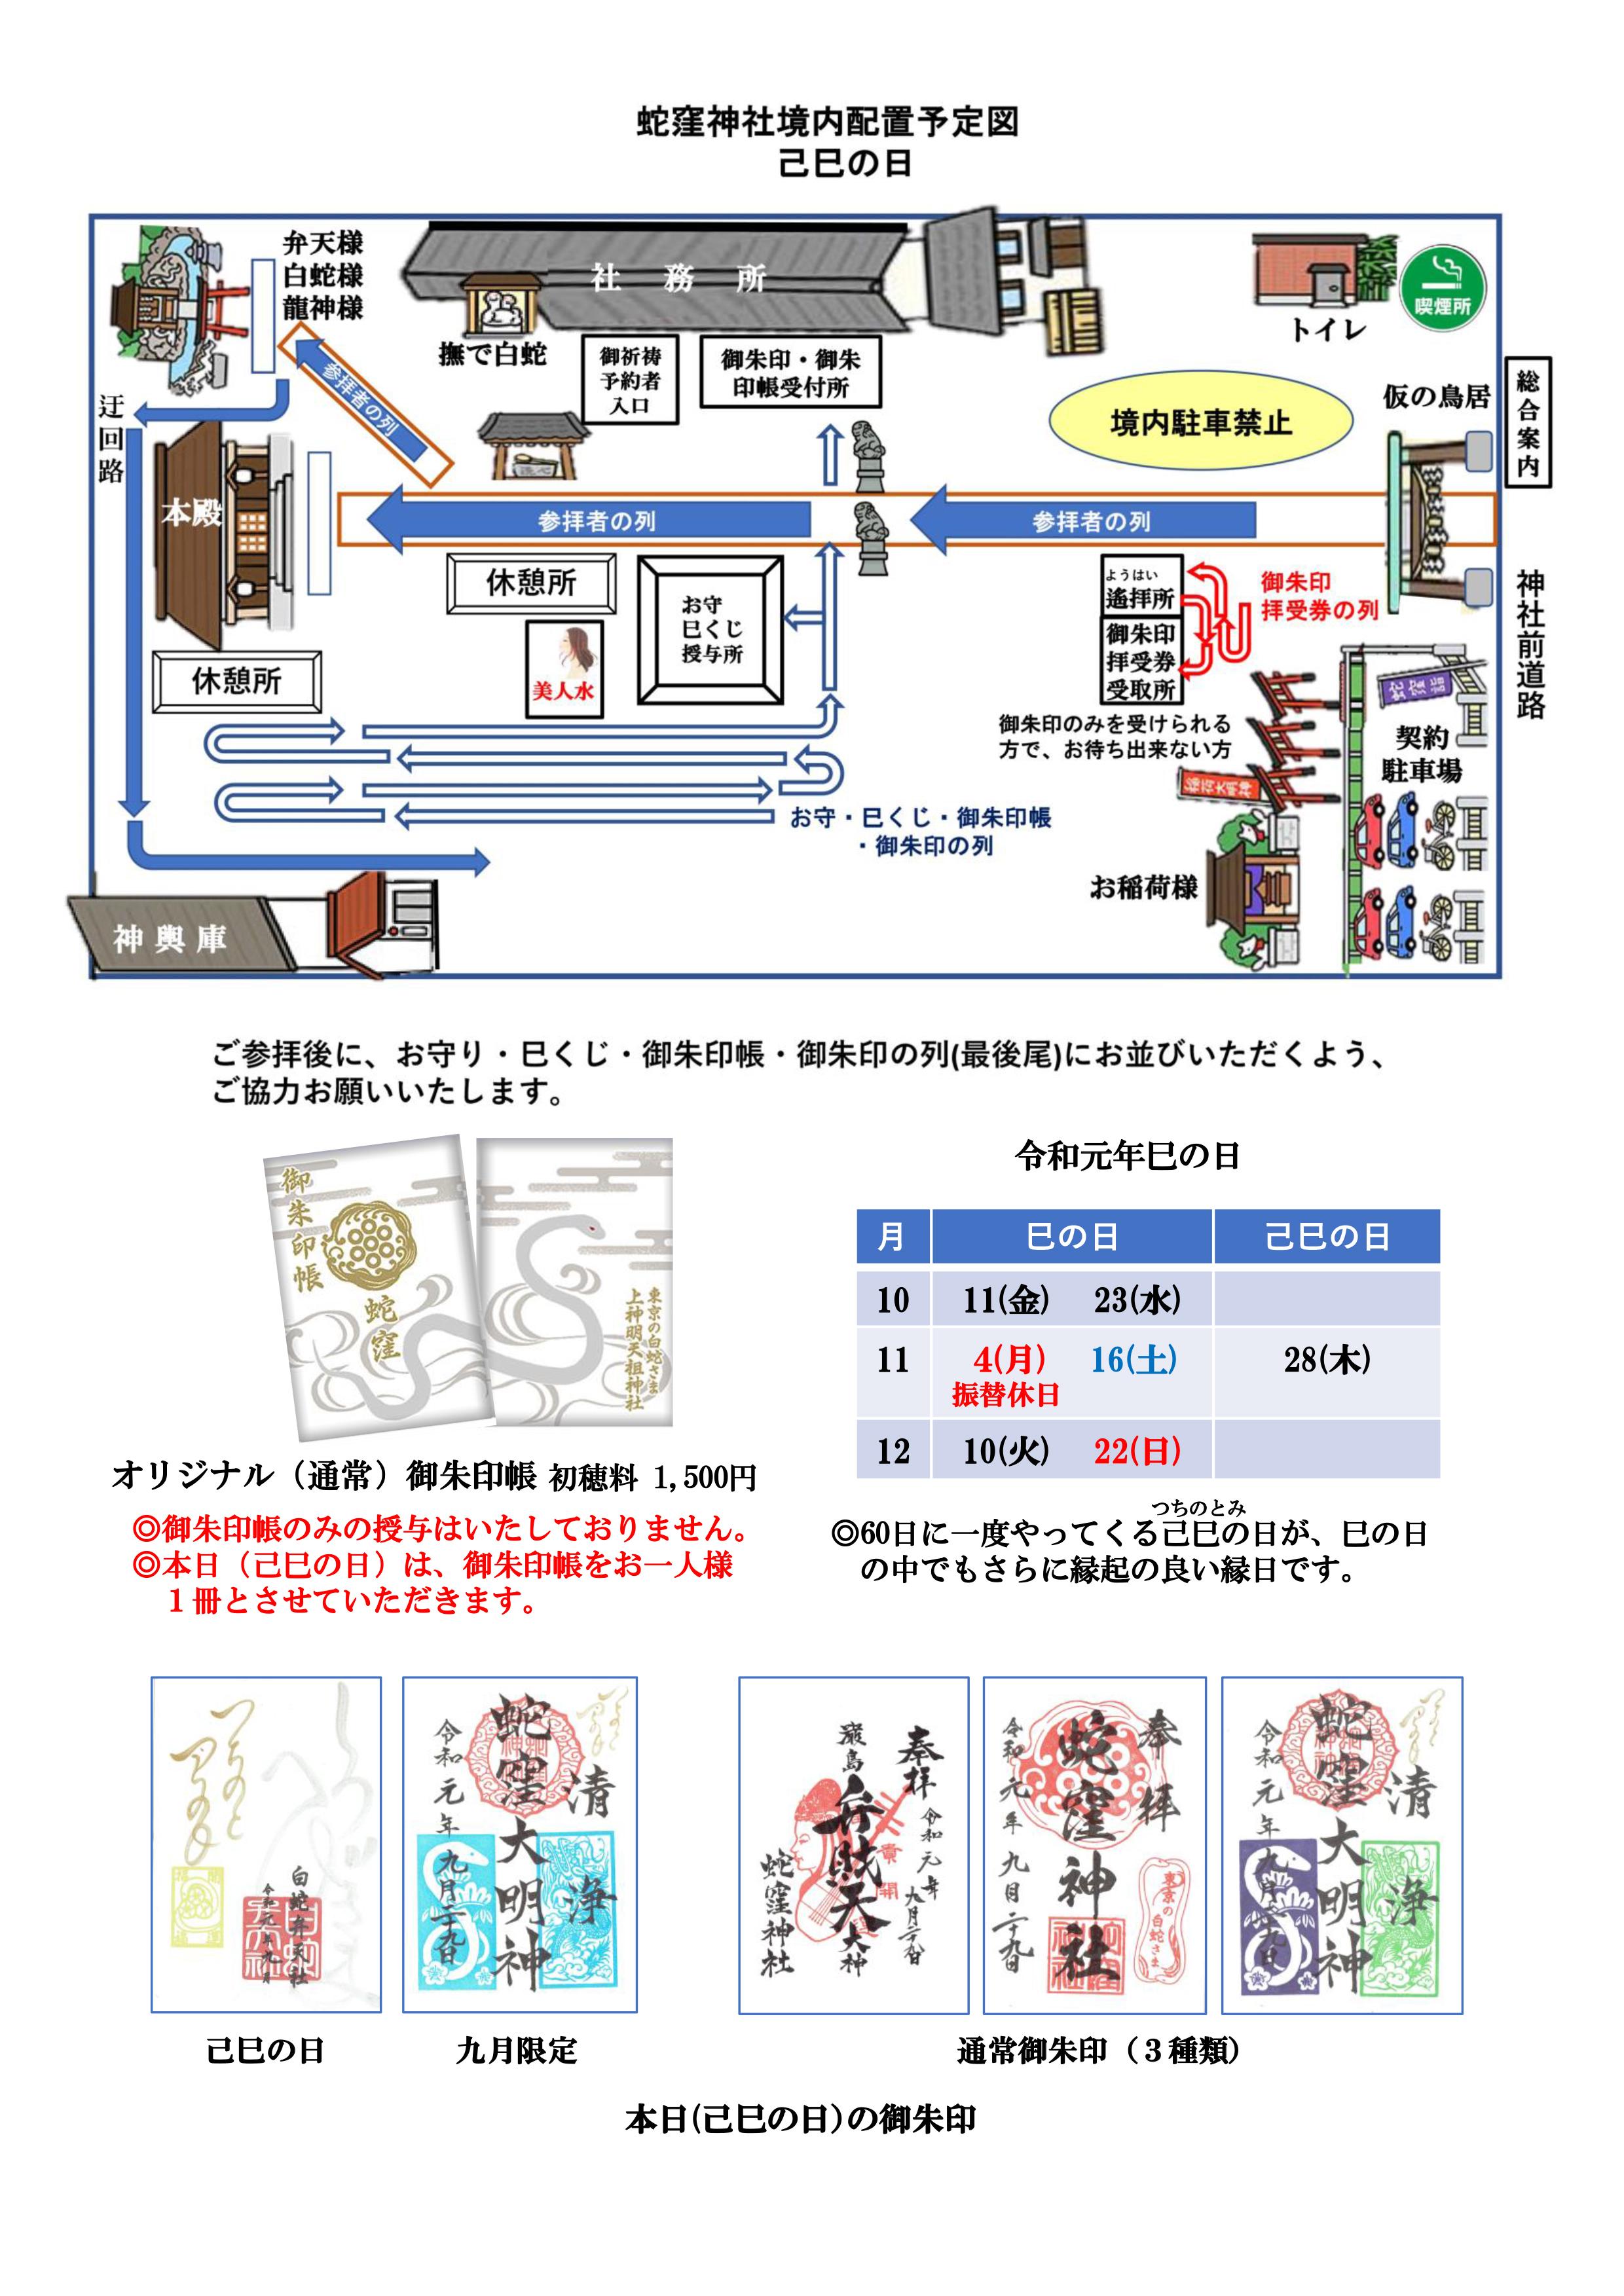 蛇窪神社境内配置予定図 巳巳の日(令和元年9月29日(日))